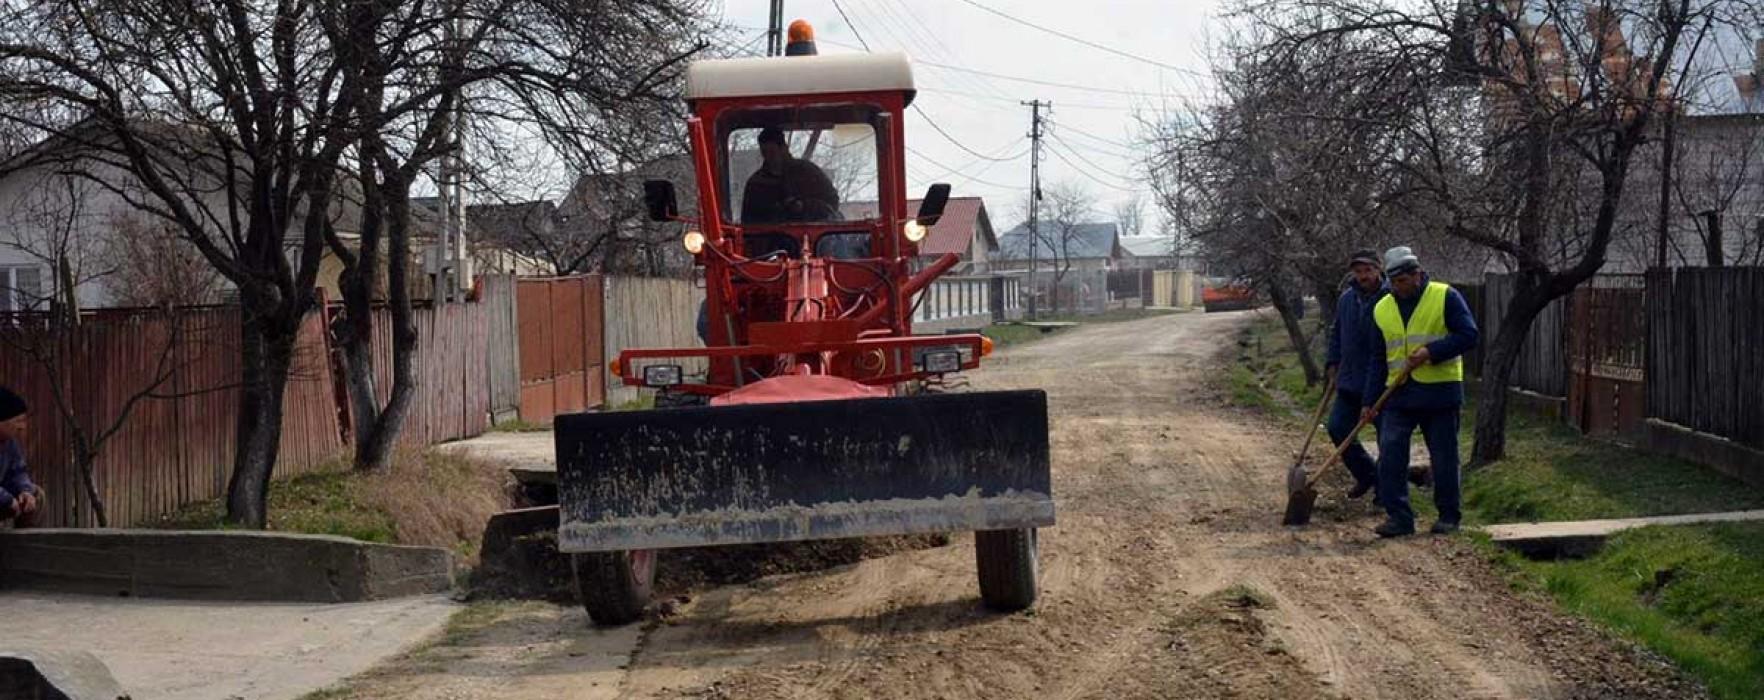 Străzi din Priseaca vor fi asfaltate în asociere Consiliul Local Târgovişte-Consiliul Judeţean Dâmboviţa